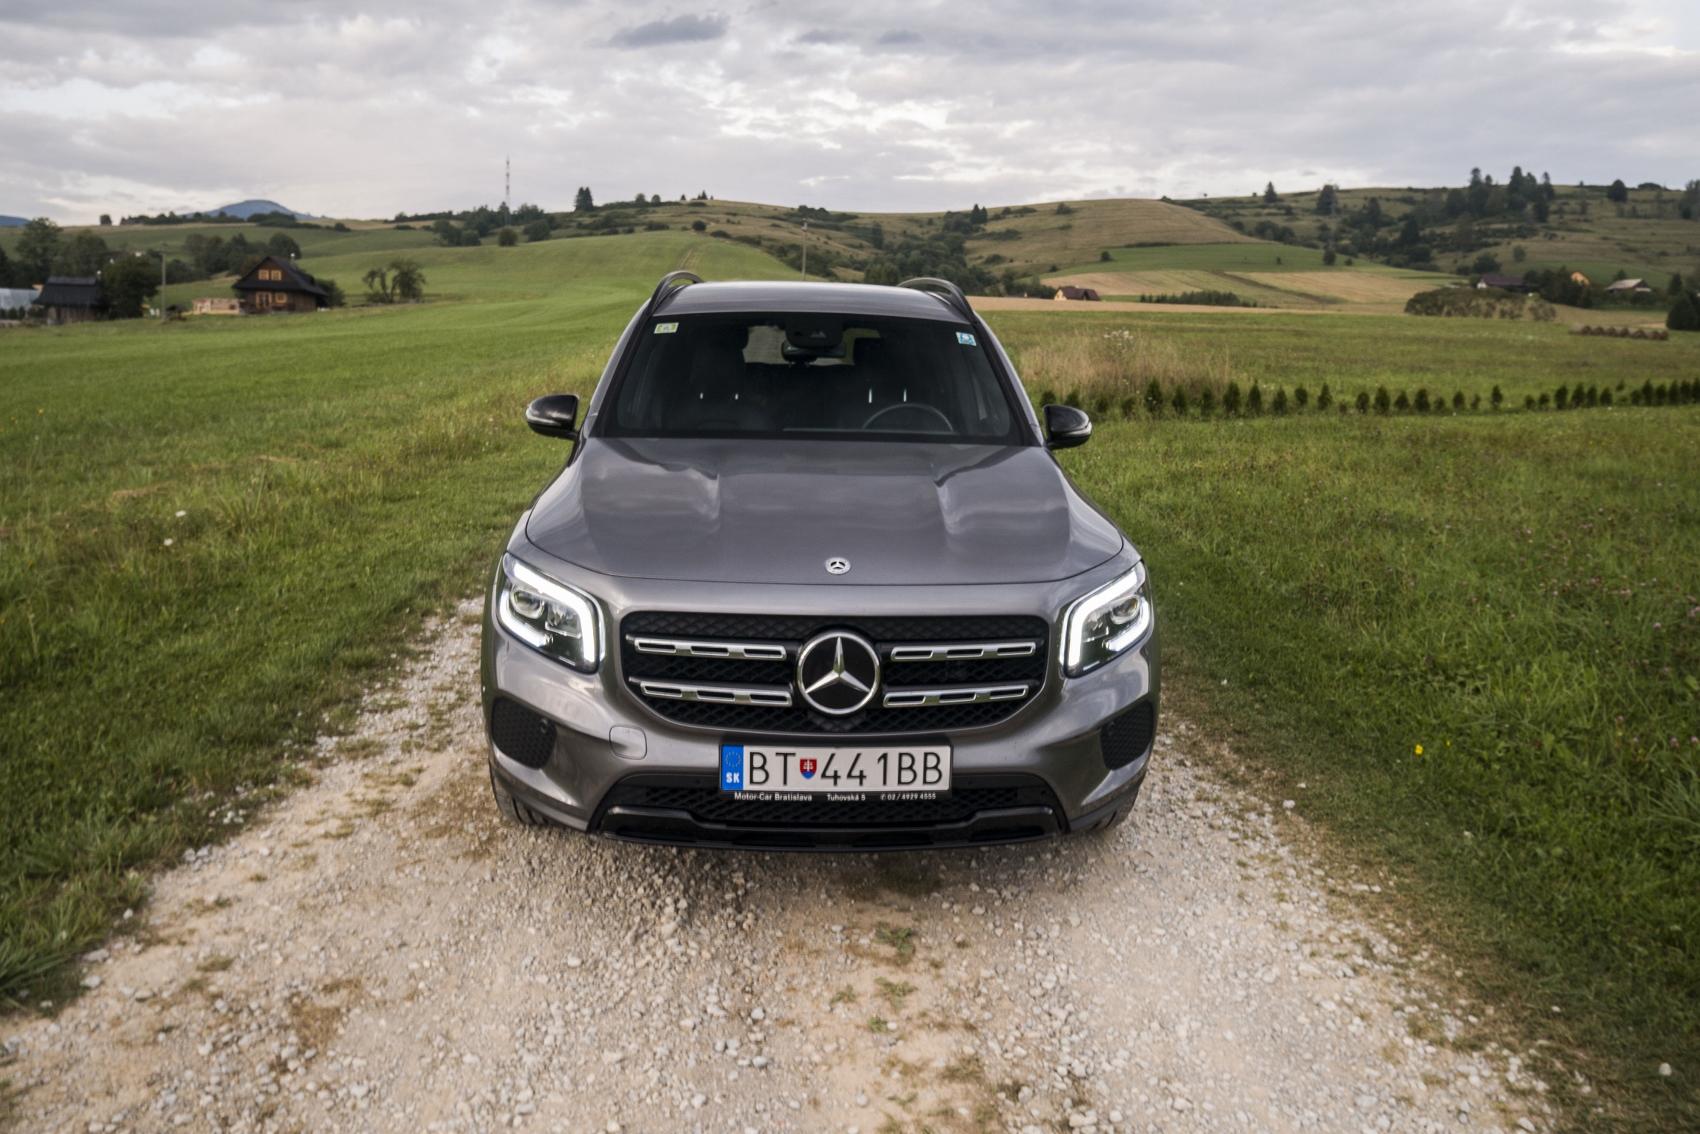 Test: Mercedes GLB 200 ponúka veľký priestor v malom balení m3eEXkw2IM mercedes-glb-10-1700x1134